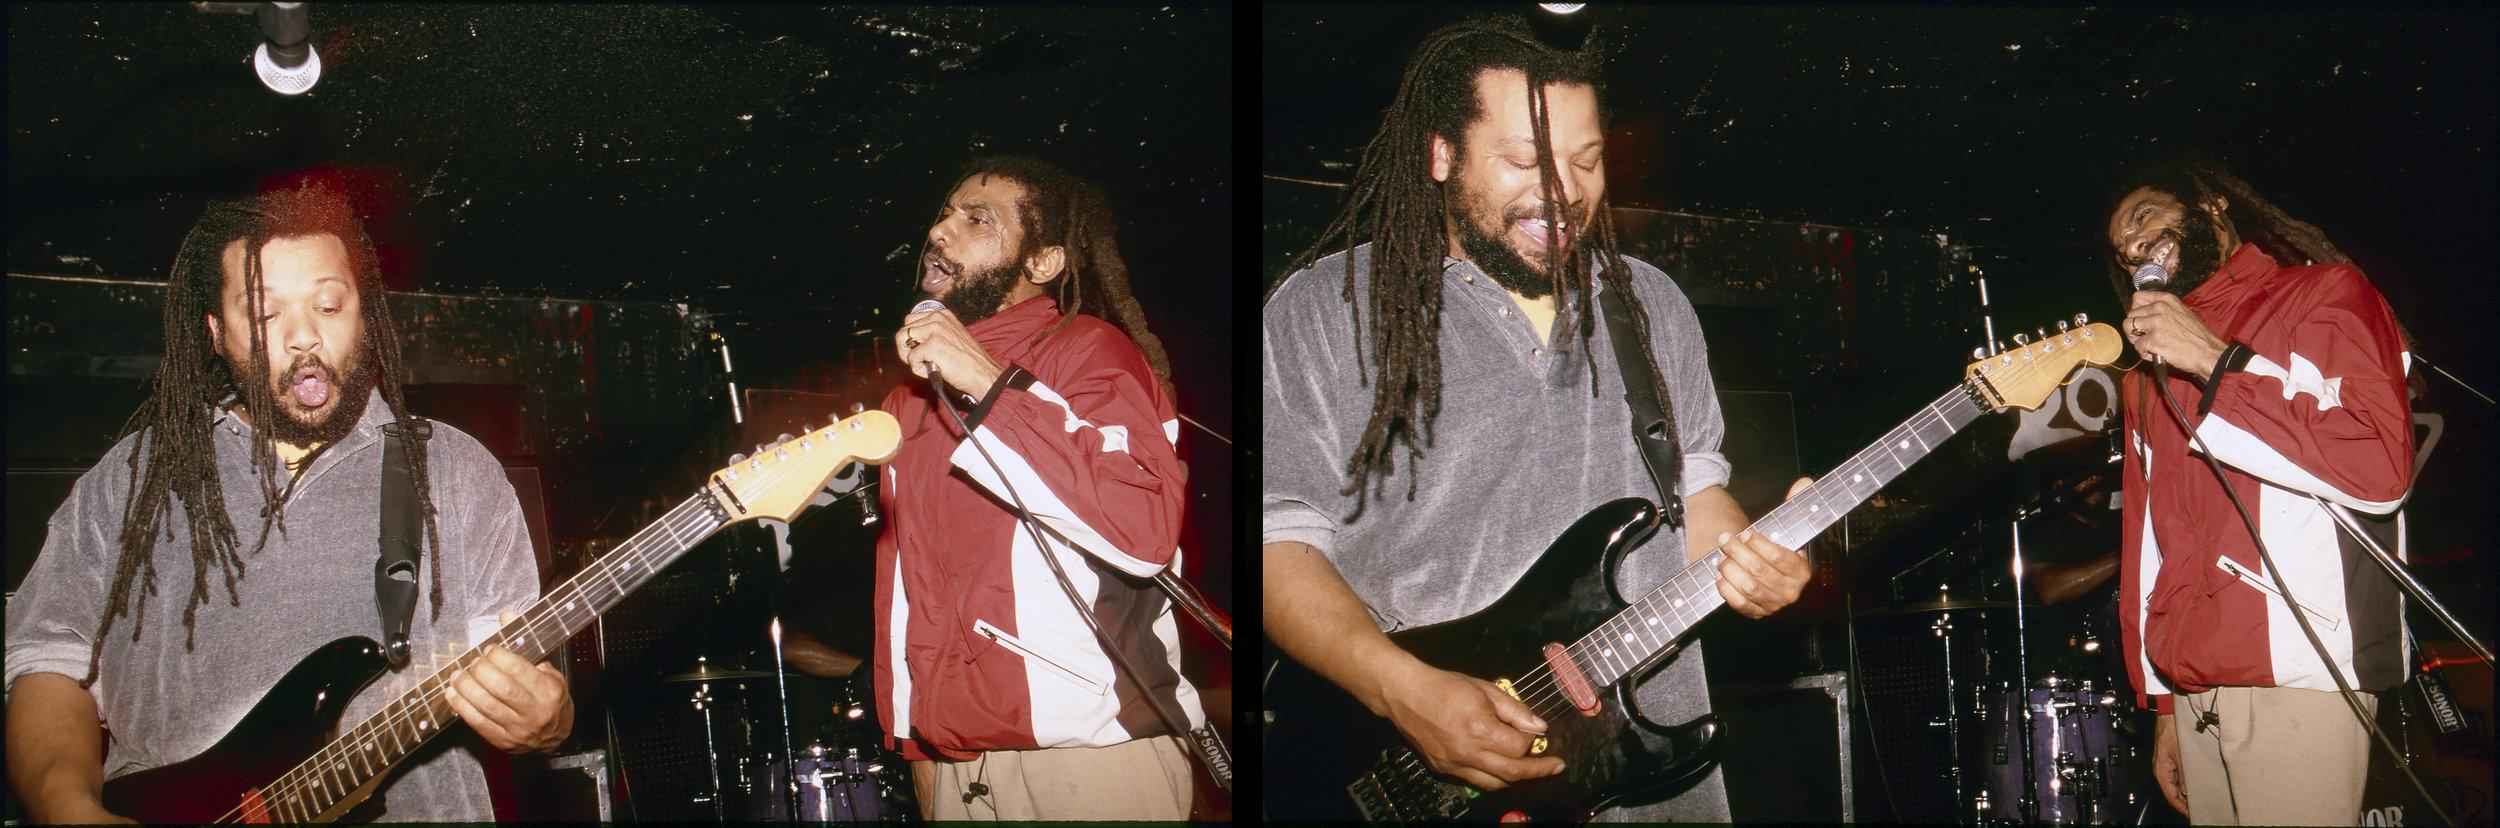 Bad Brains, Sacramento, Ca. 1998